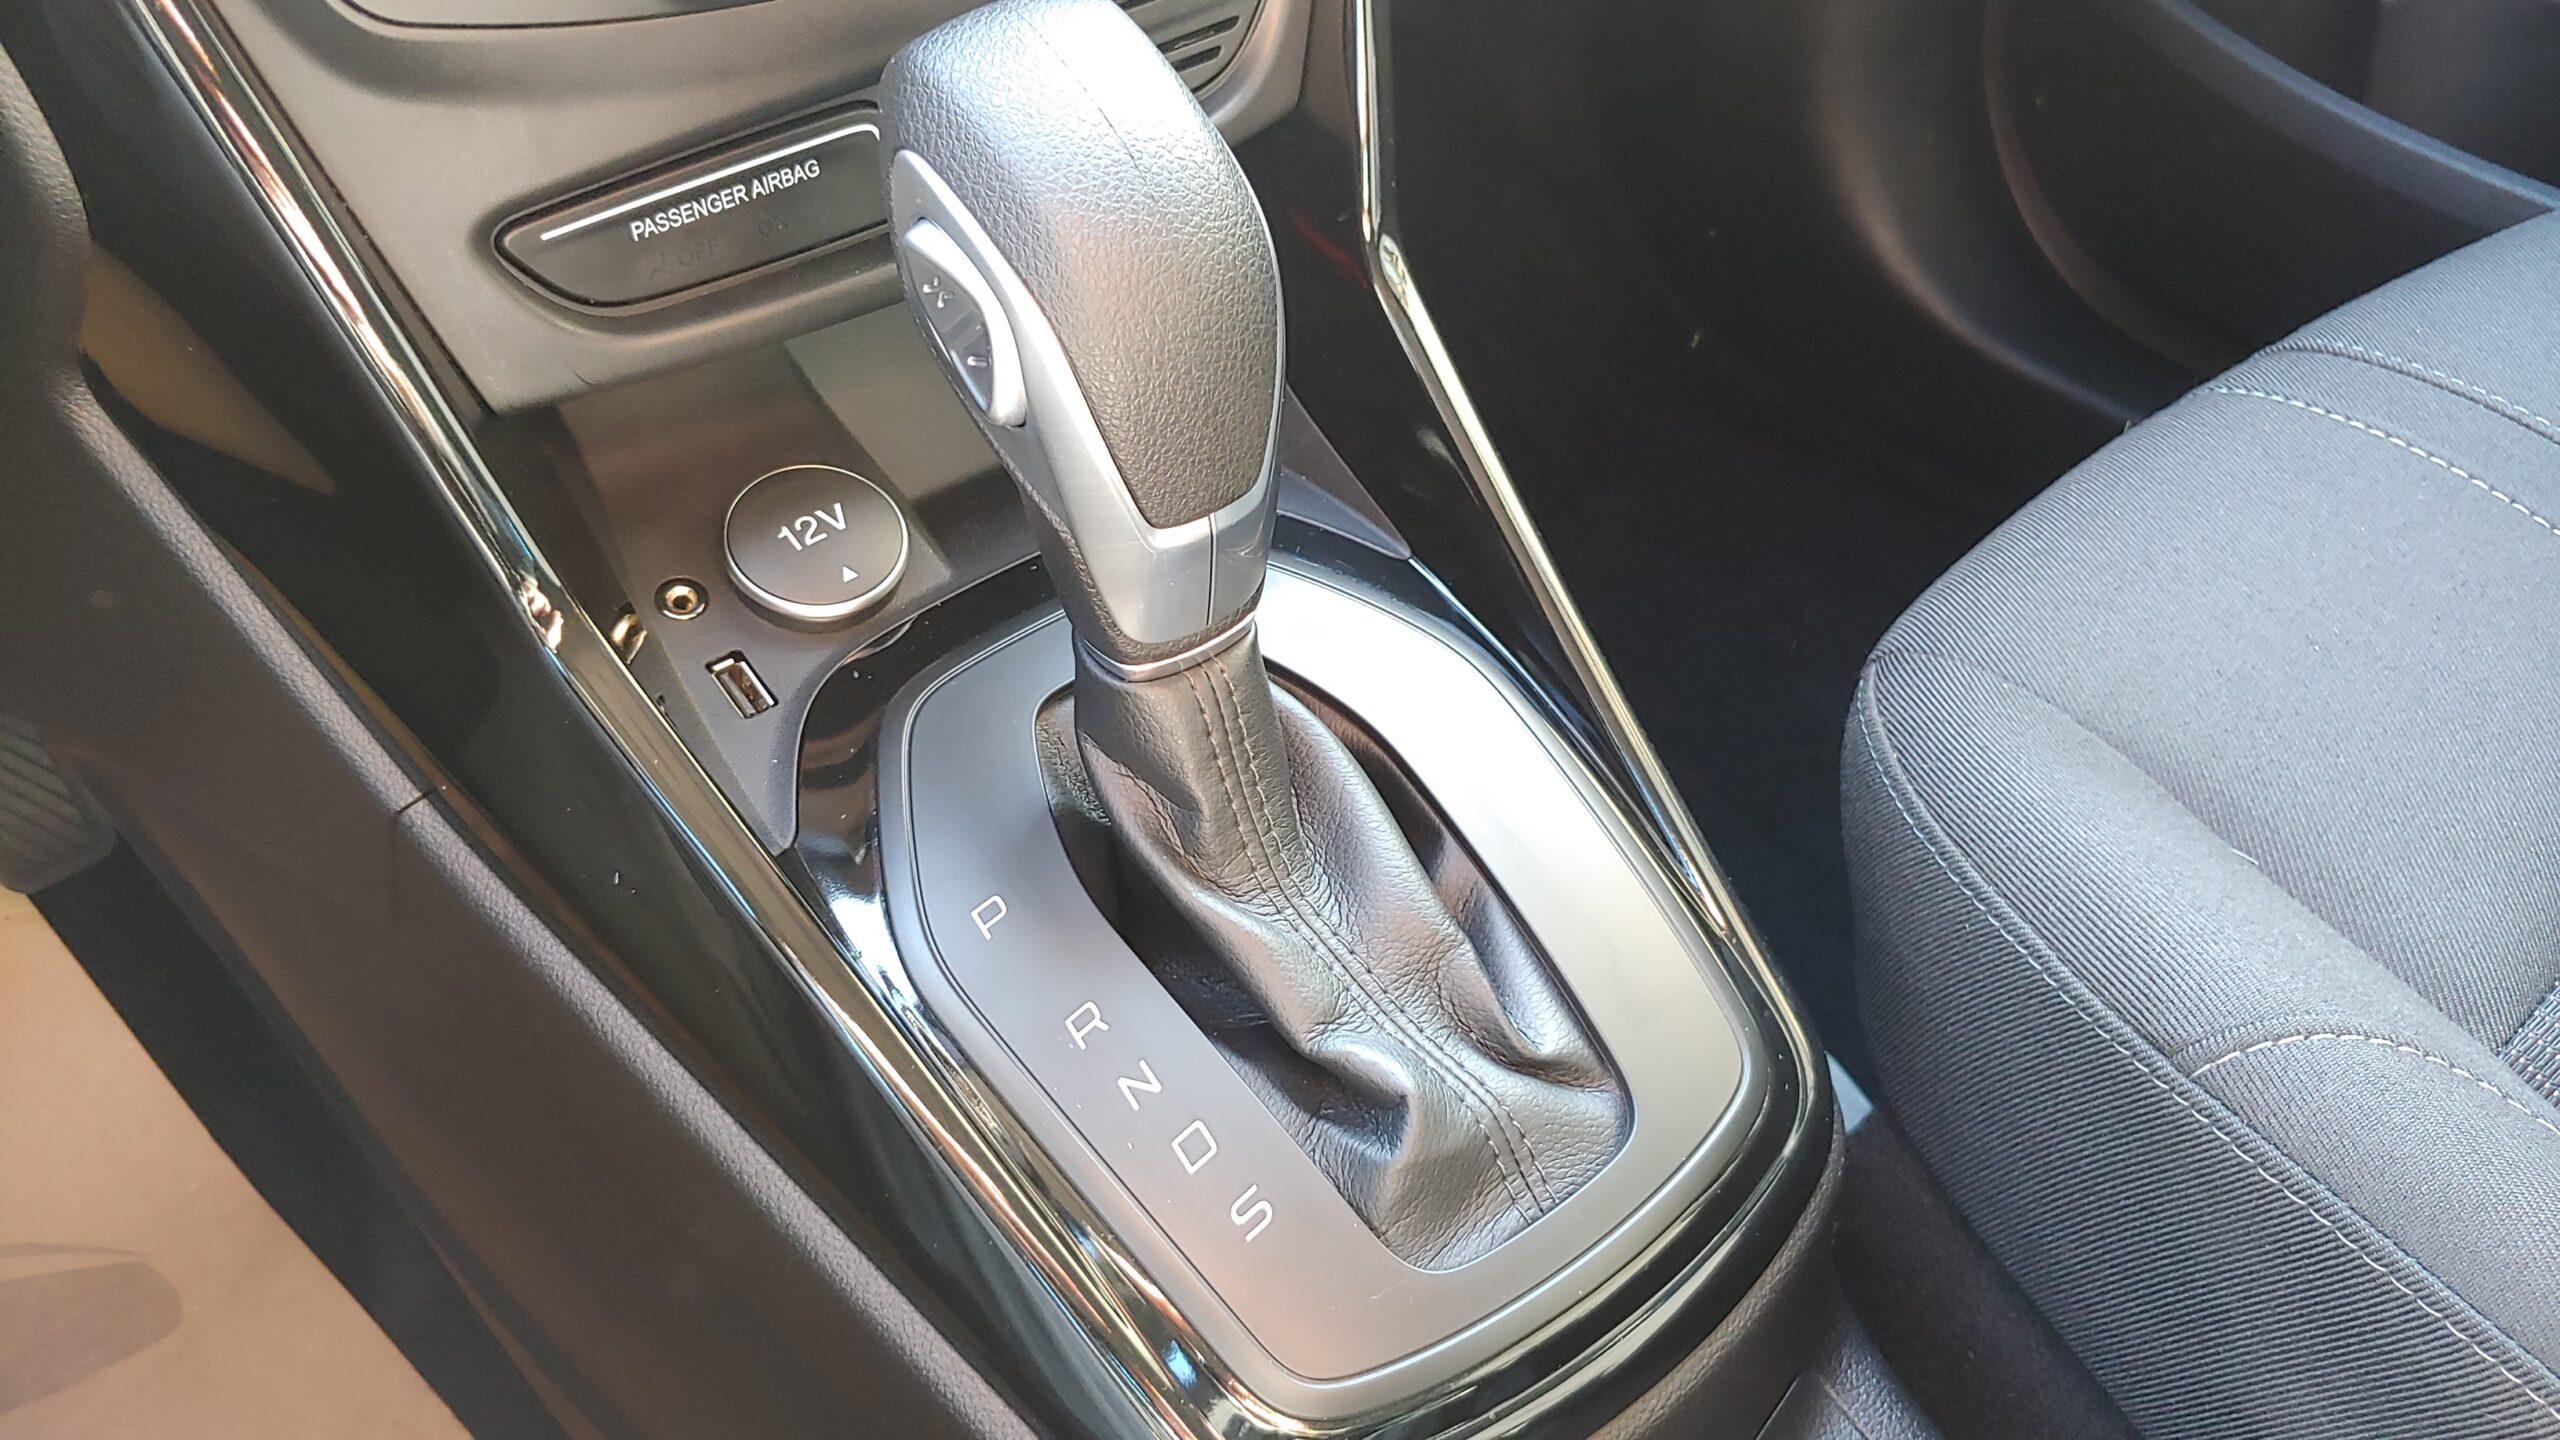 Ford B max 1.6 titanium powershift